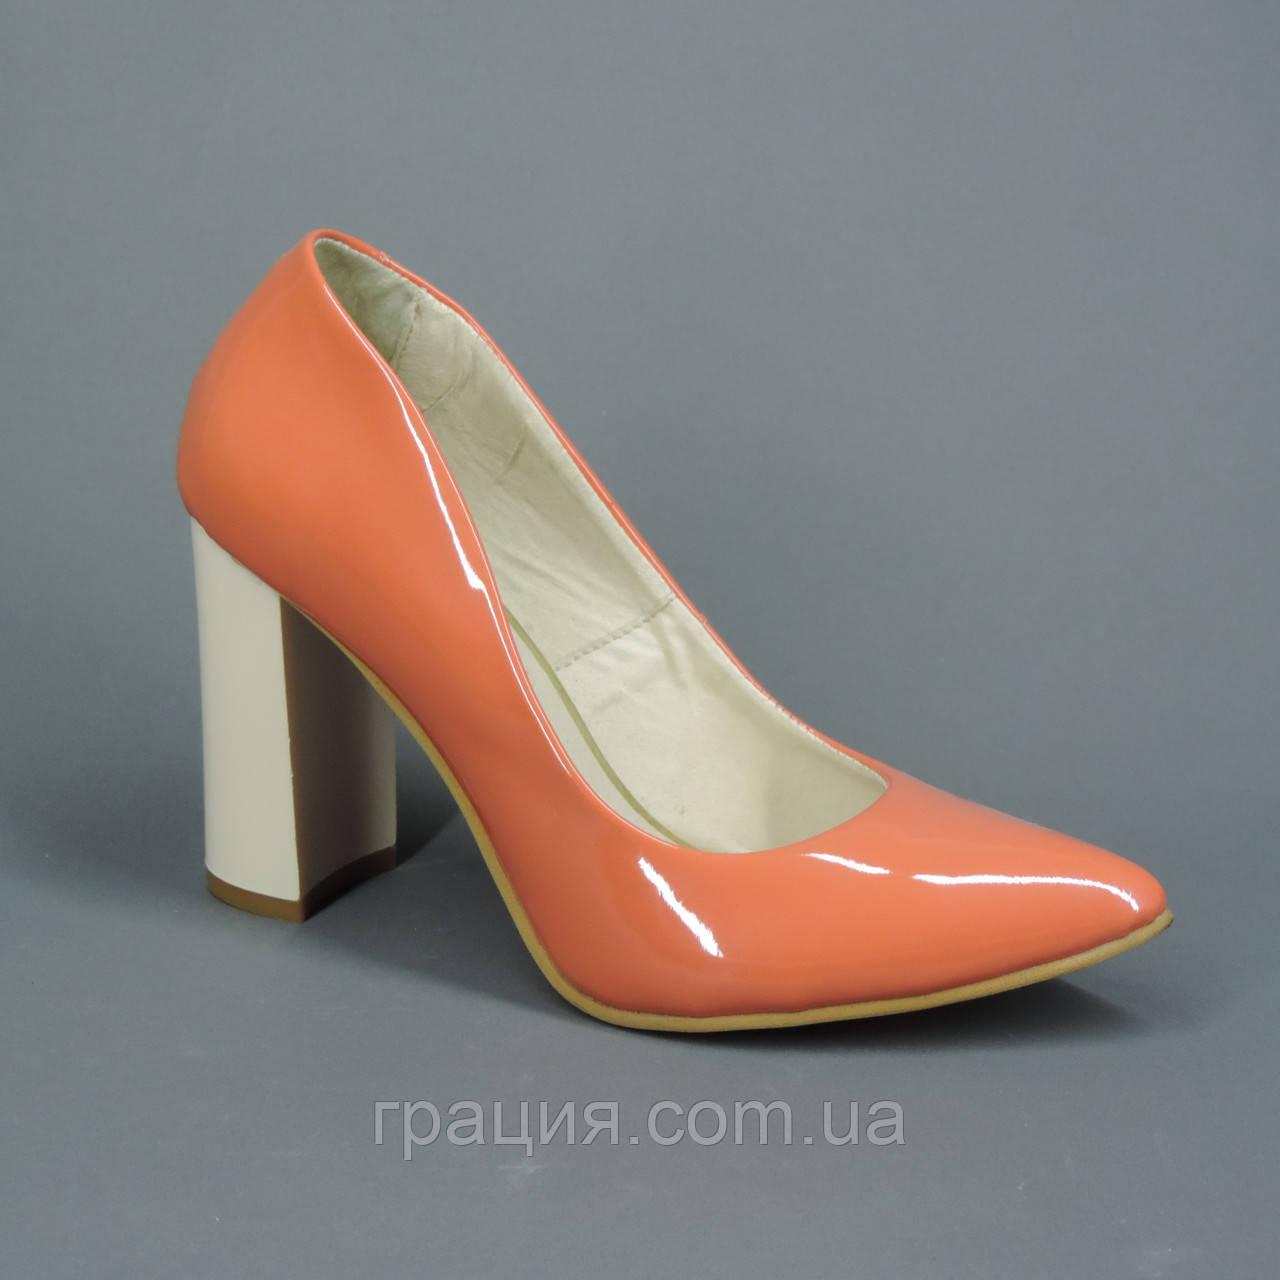 Туфлі жіночі персикові на підборах лакові